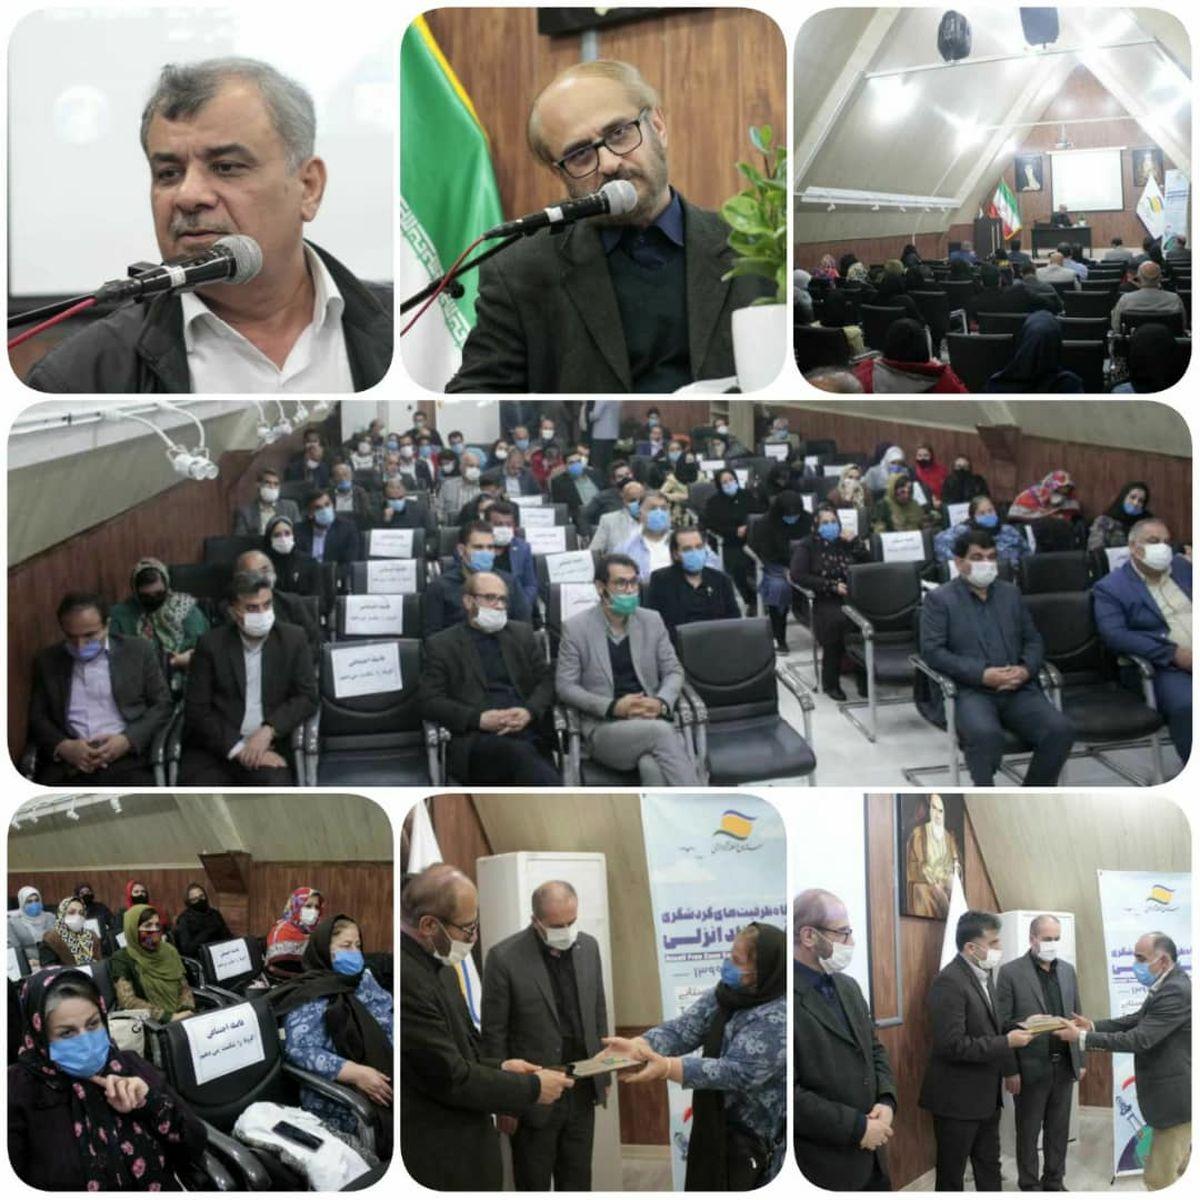 مراسم اختتامیه نمایشگاه ظرفیت های گردشگری منطقه آزاد انزلی برگزار شد